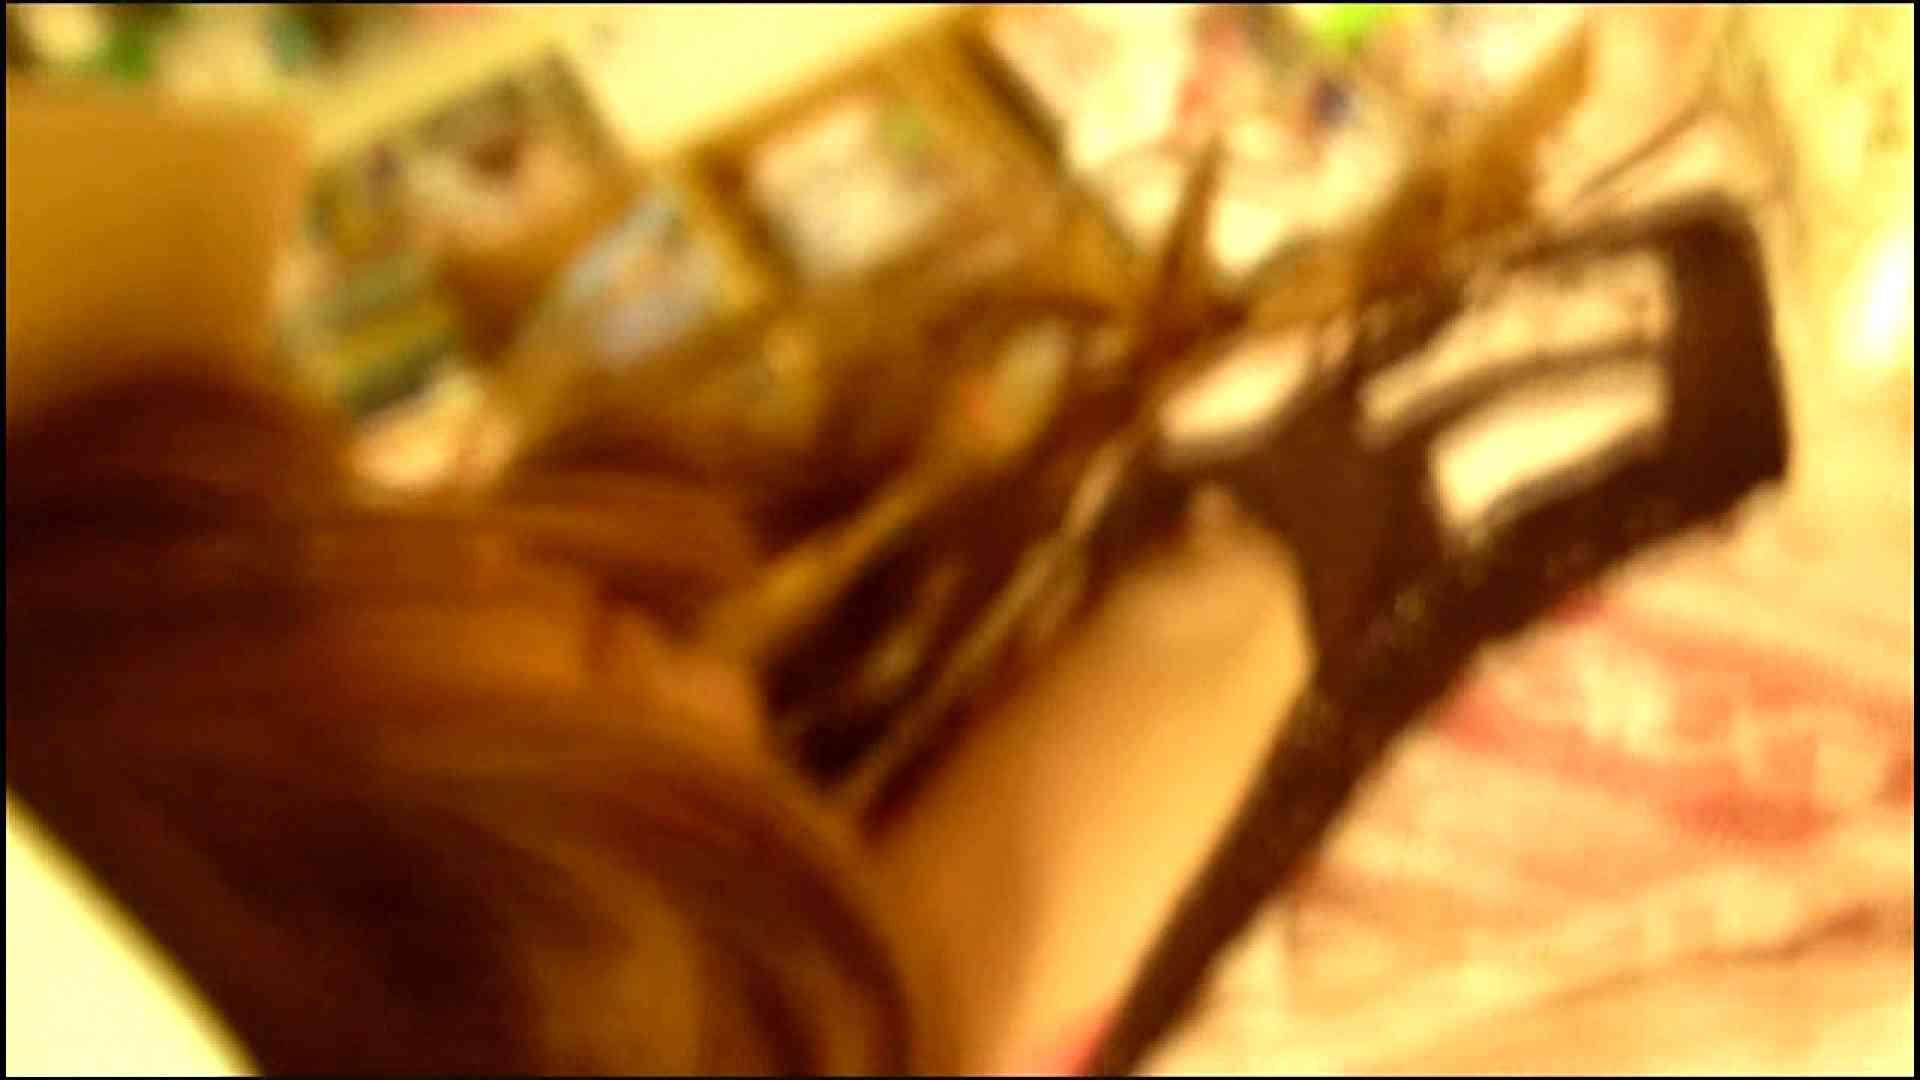 NO.2 本屋にいた巨乳ギャル お姉さんの胸チラ  108画像 56